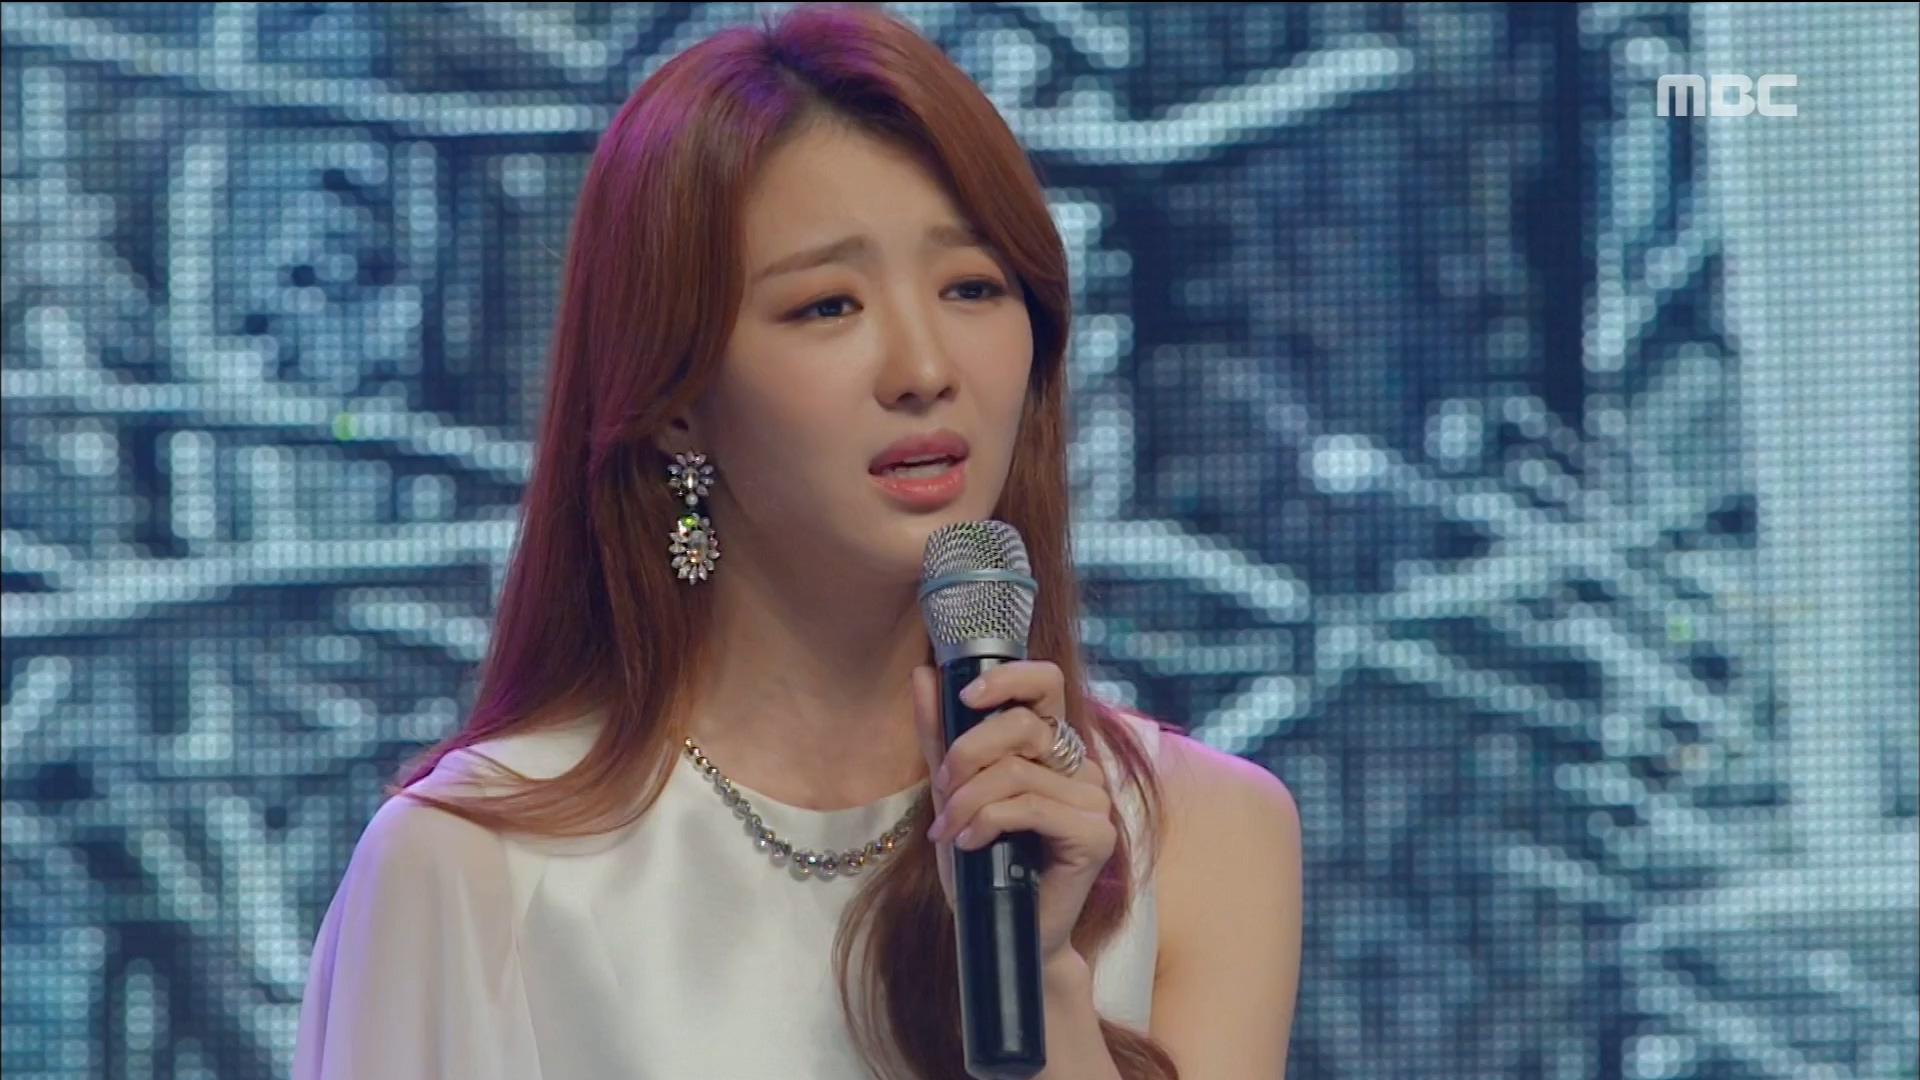 장희진, 모창 가수가 아닌 진짜 가수로 성공하다!